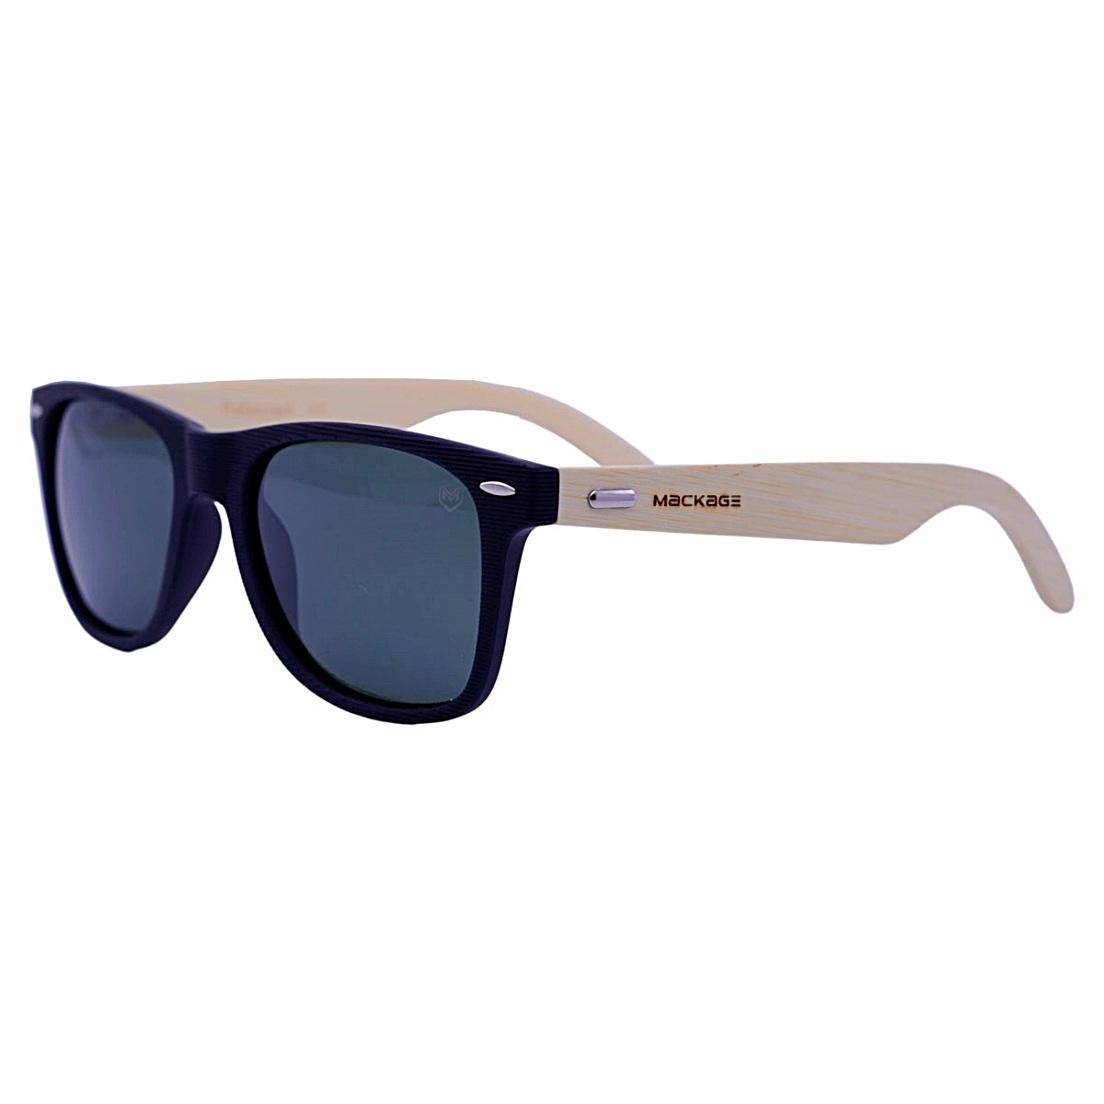 Óculos De Sol Mackage Unissex Wayfarer Madeira Polarizado - Preto/Verde